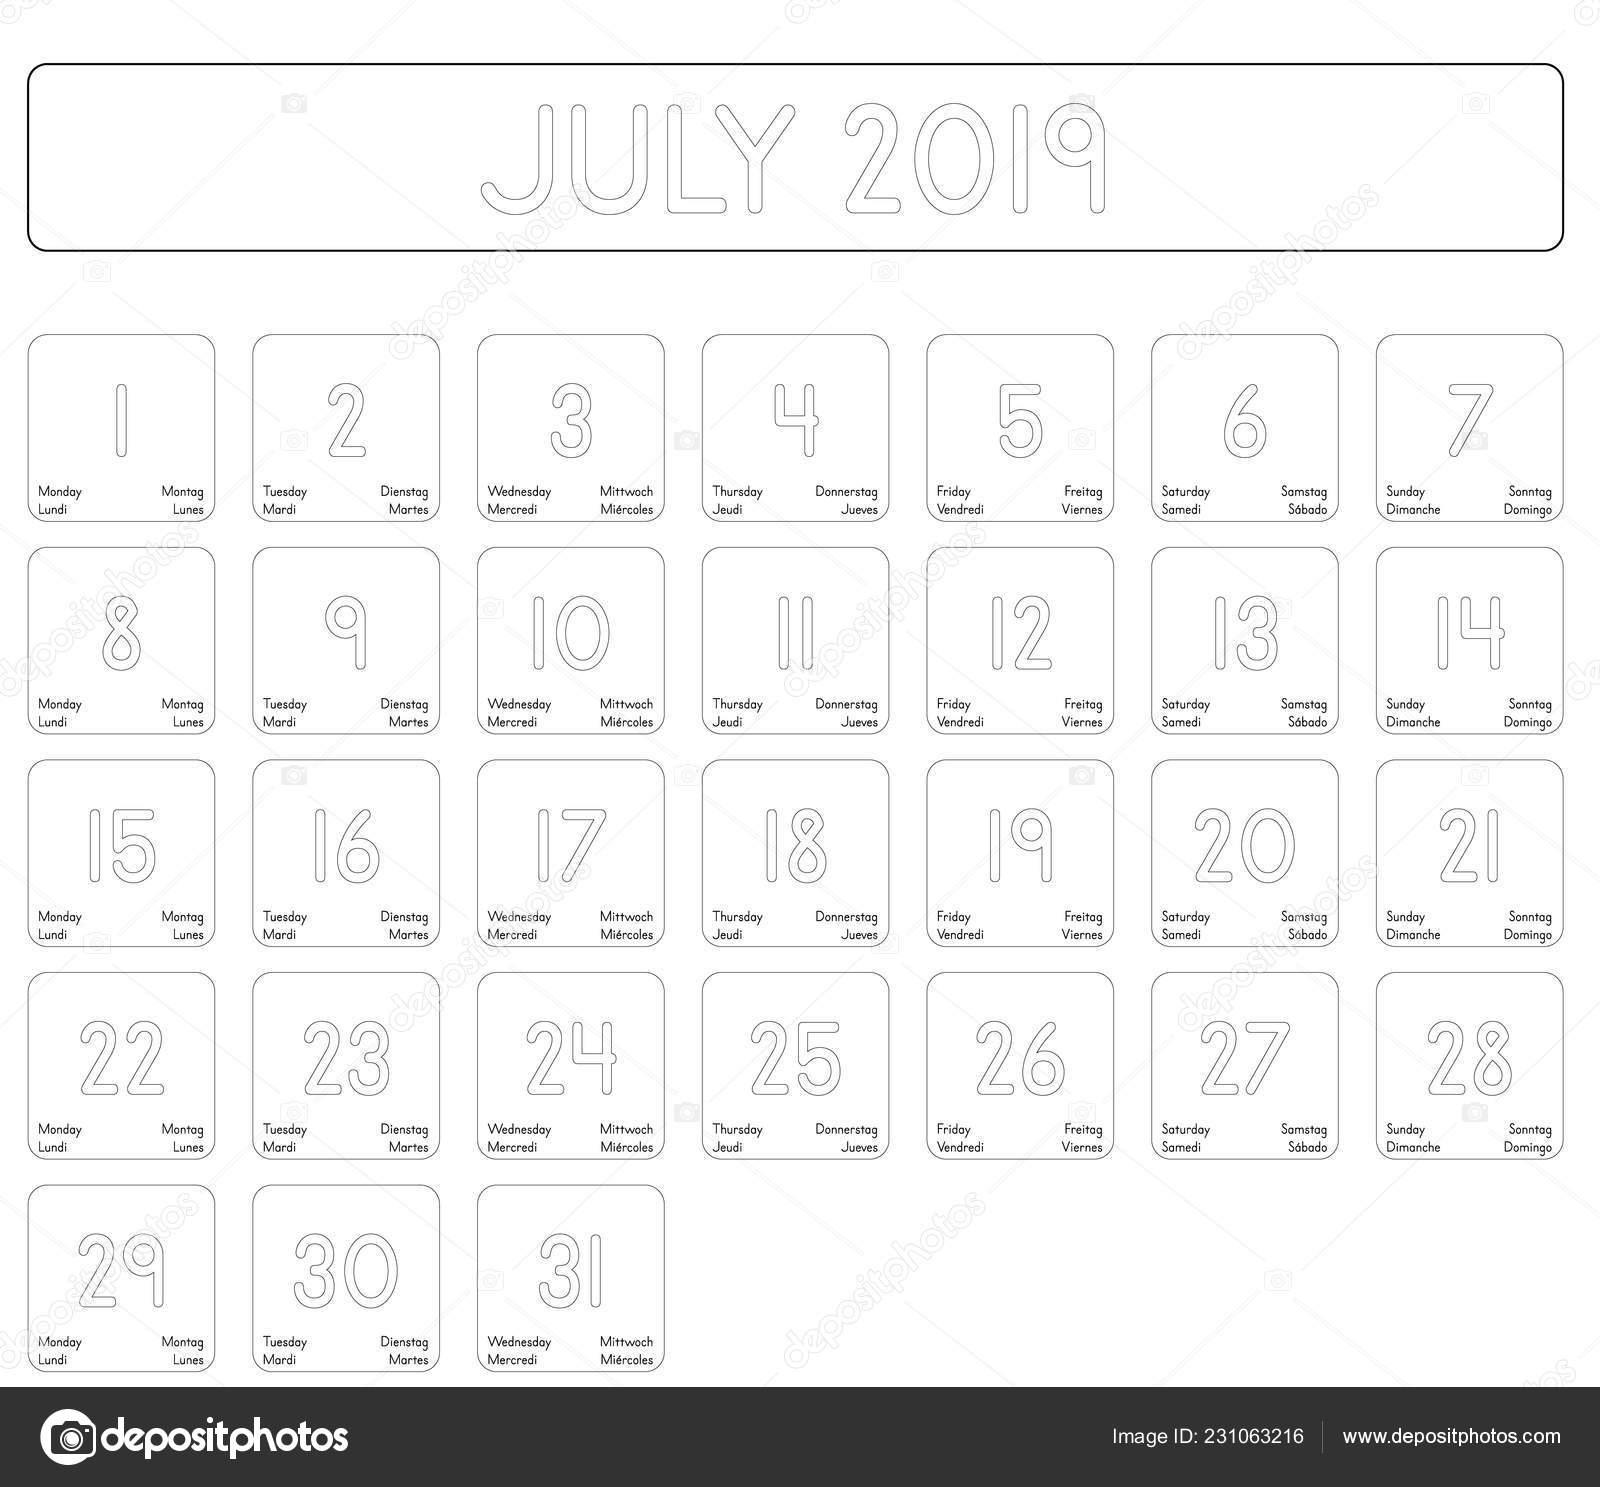 Calendrier Du Mois De Juillet 2019.Detaille Jour Calendrier Mois Juillet 2019 Image